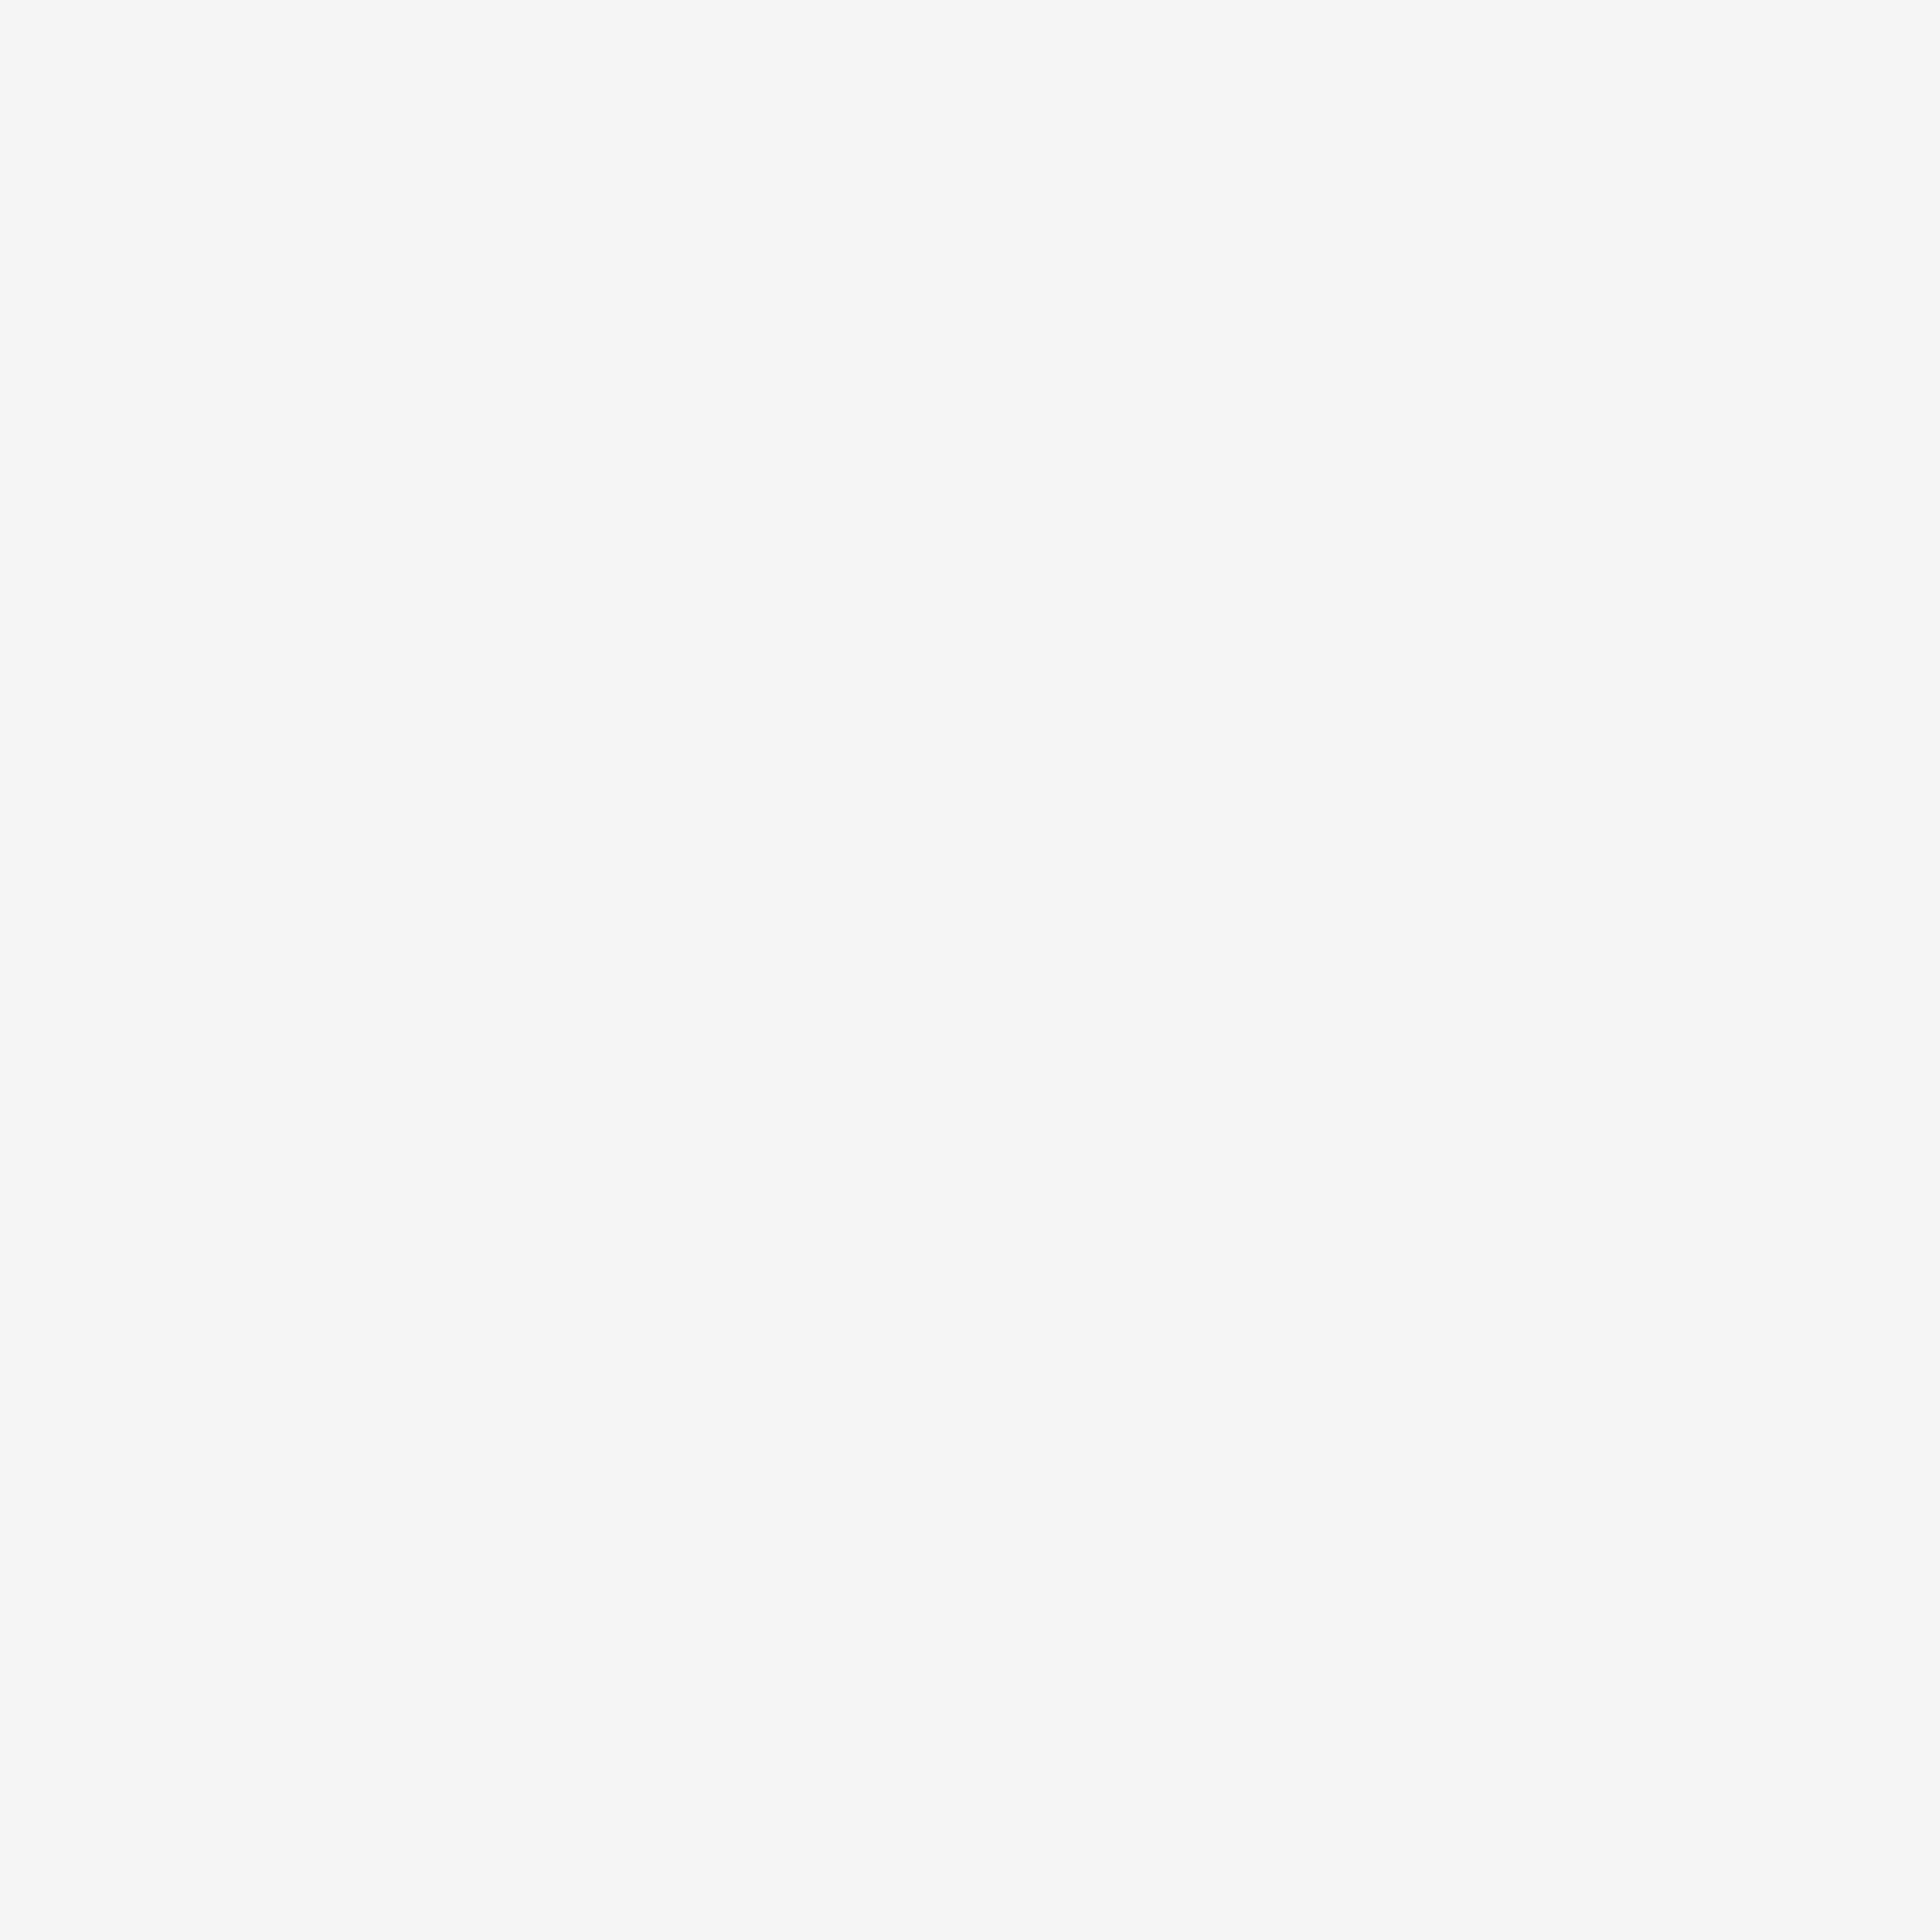 1d68a84f66b Reebok Guresu 2.0 - Fitness schoenen - Fitness - Intersport van den ...